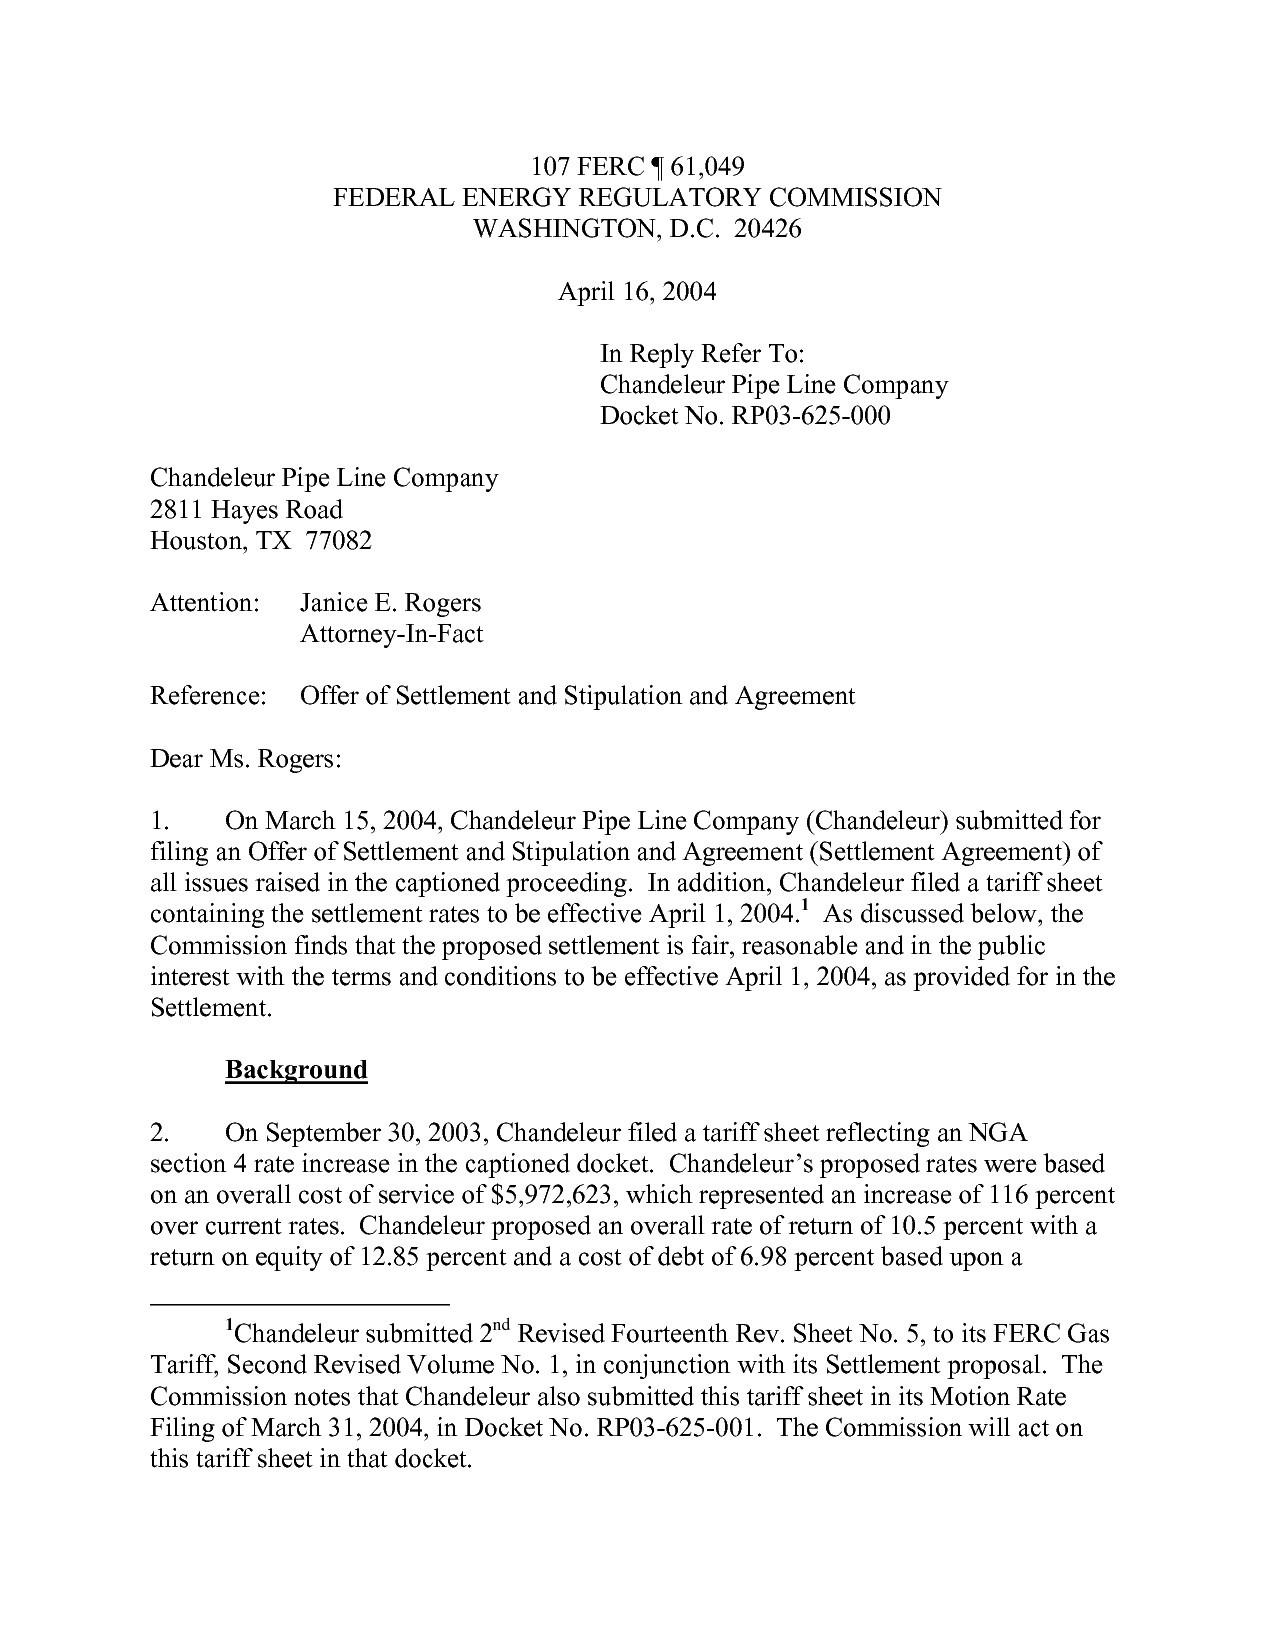 Debt Settlement Agreement Letter Template - 31 Awesome Sample Debt Settlement Letter